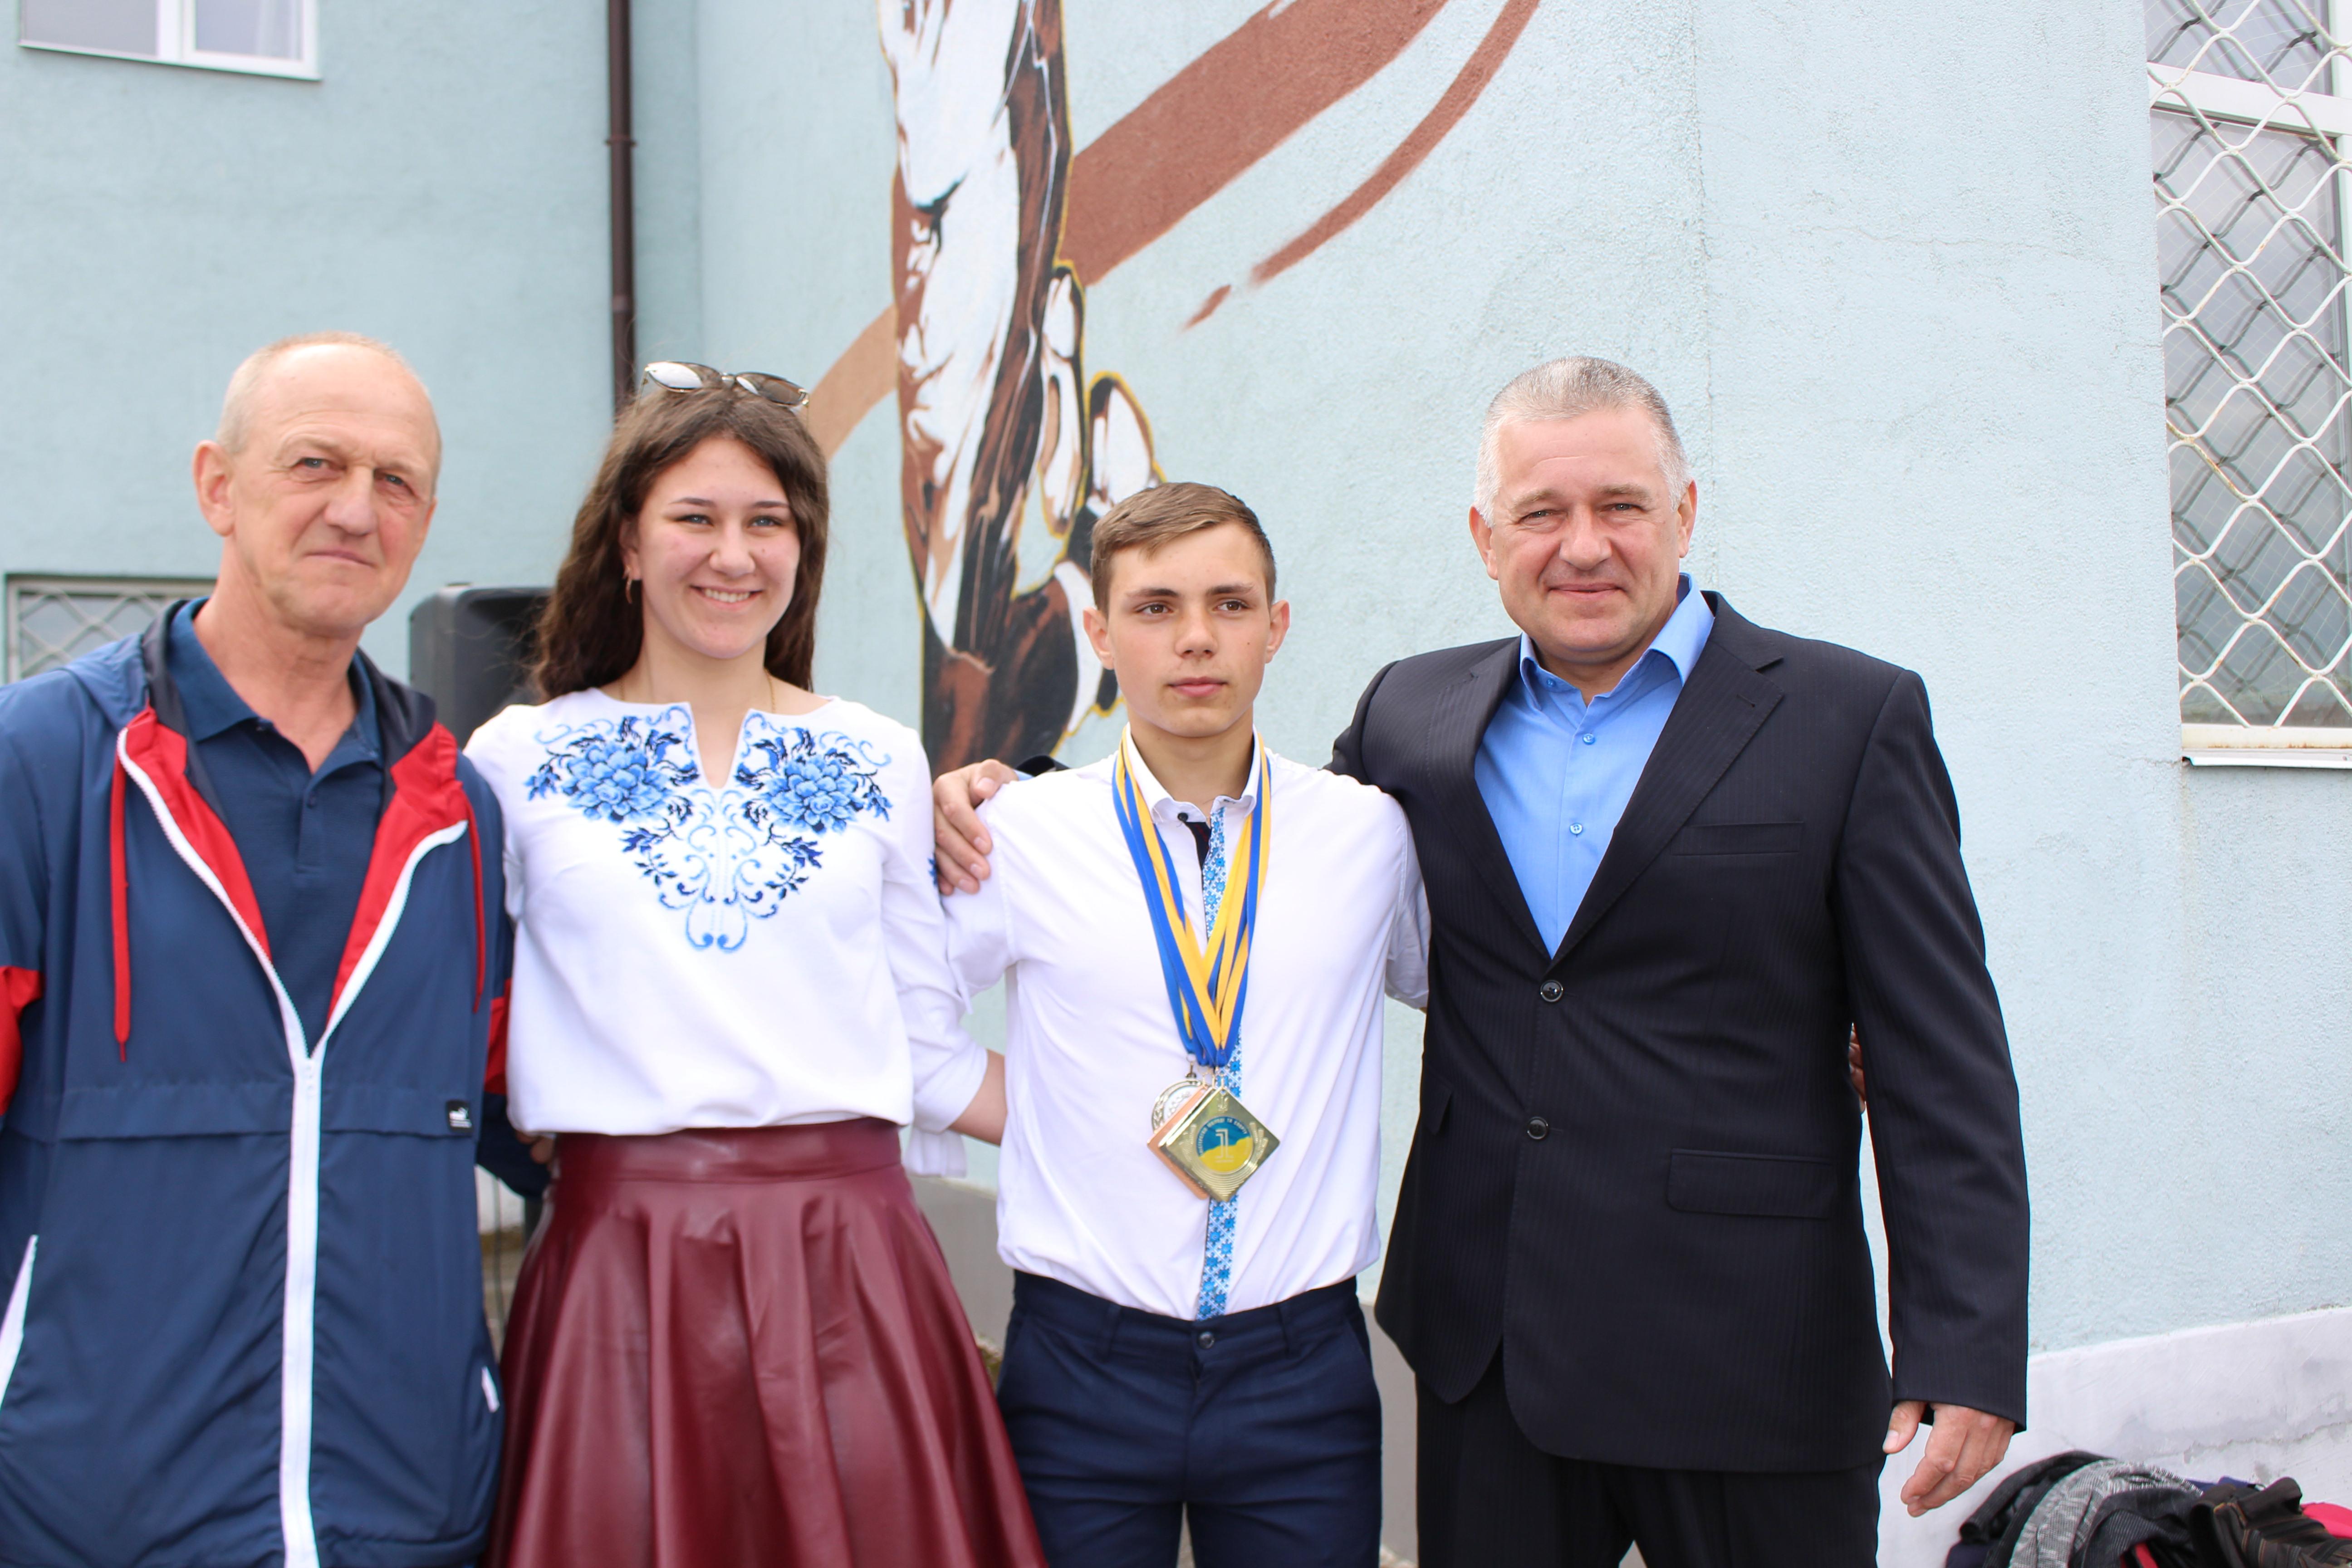 Костянтин Матейченко привітав та нагородив переможців спартакіади в Лимані (фото)